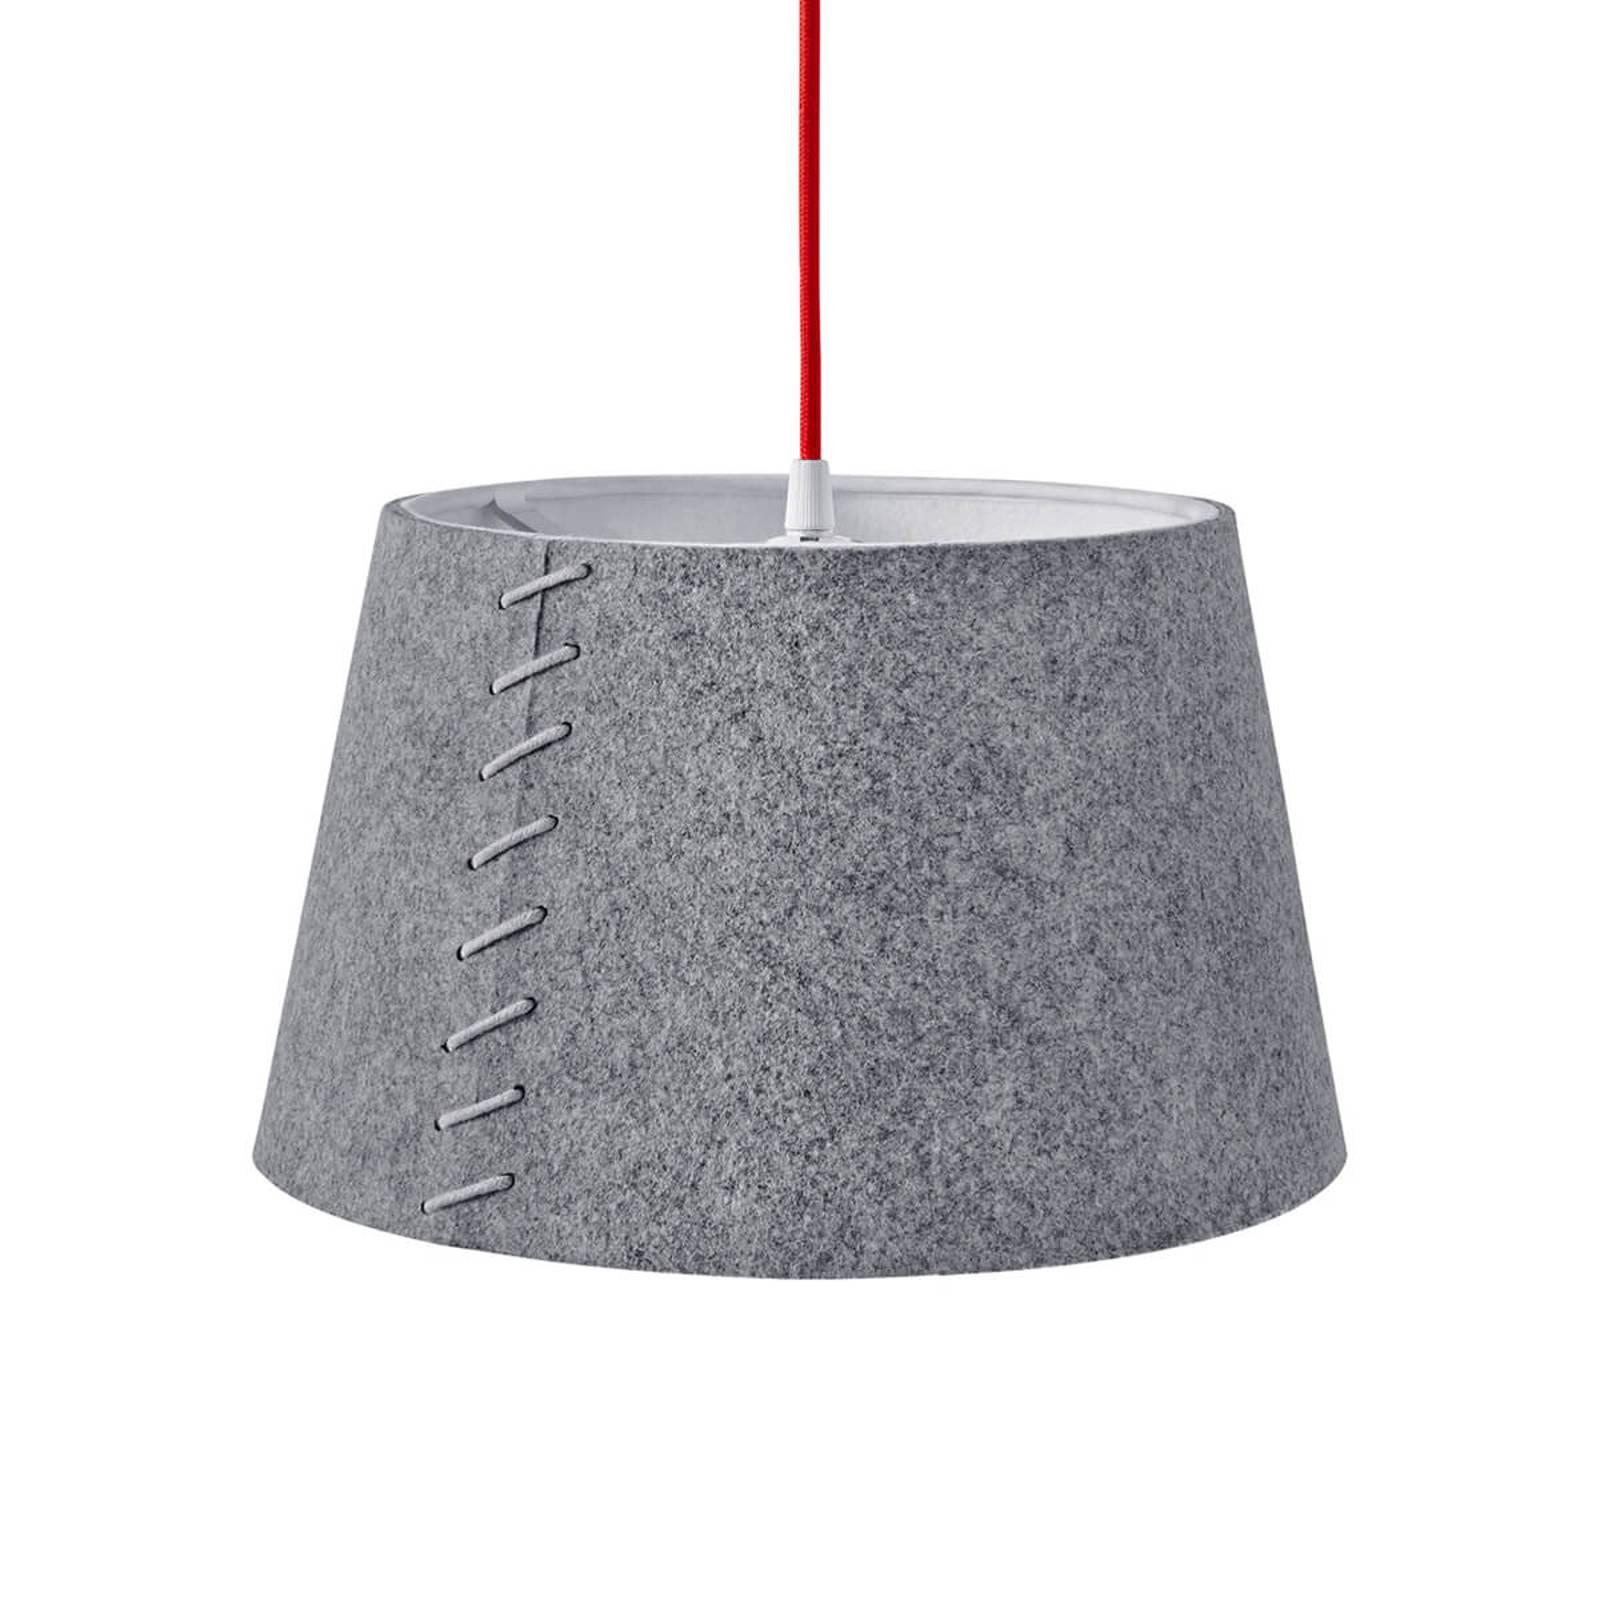 En feutre gris - suspension LED Alice, 30cm